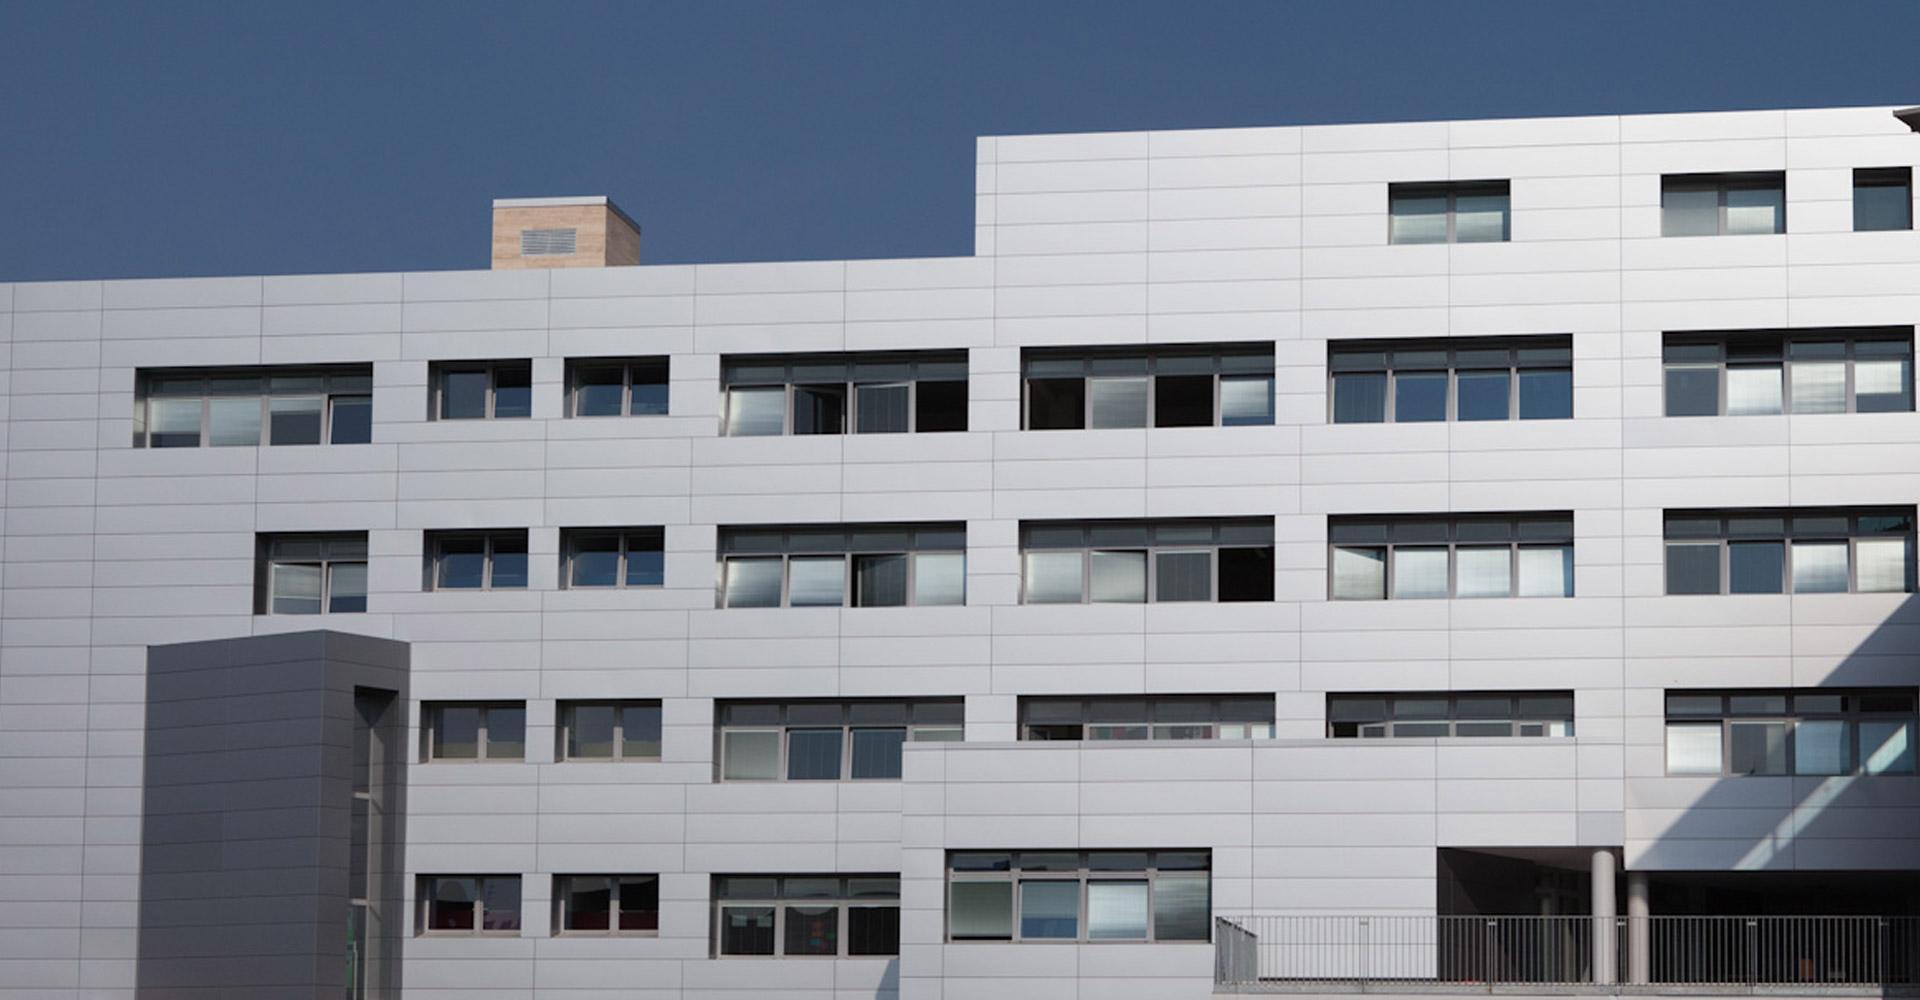 pannelli-compositi-in-alluminio-per-rivestimento-pareti